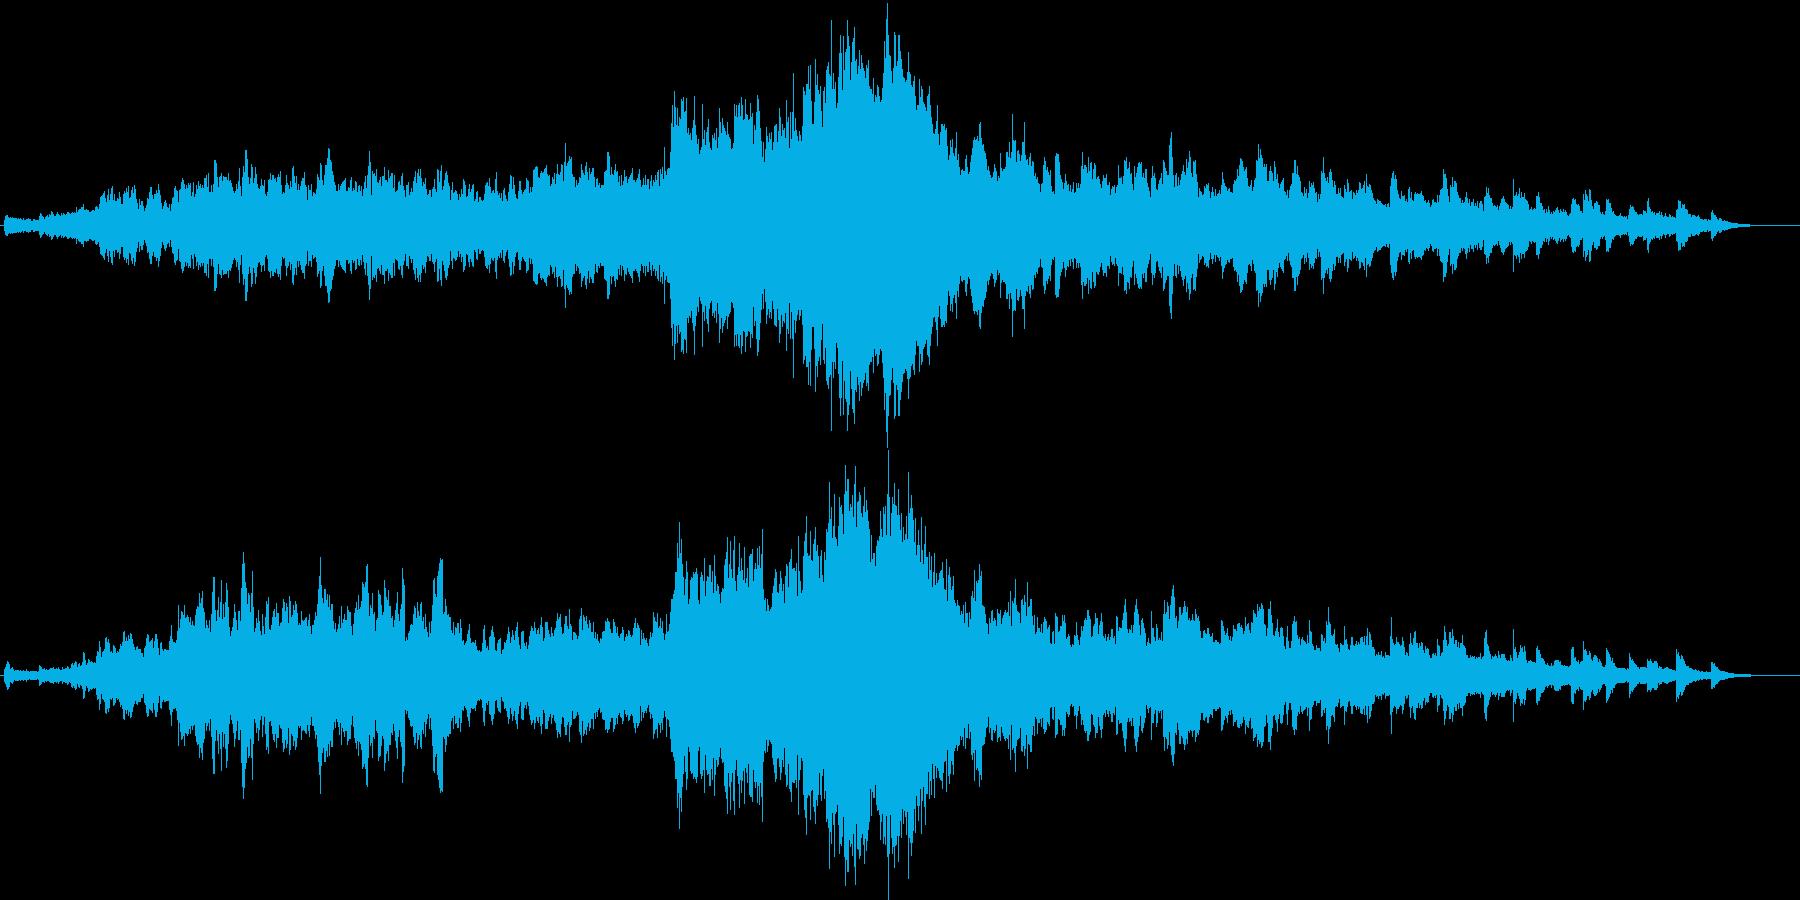 さらさら流れる清流をイメージした音楽の再生済みの波形